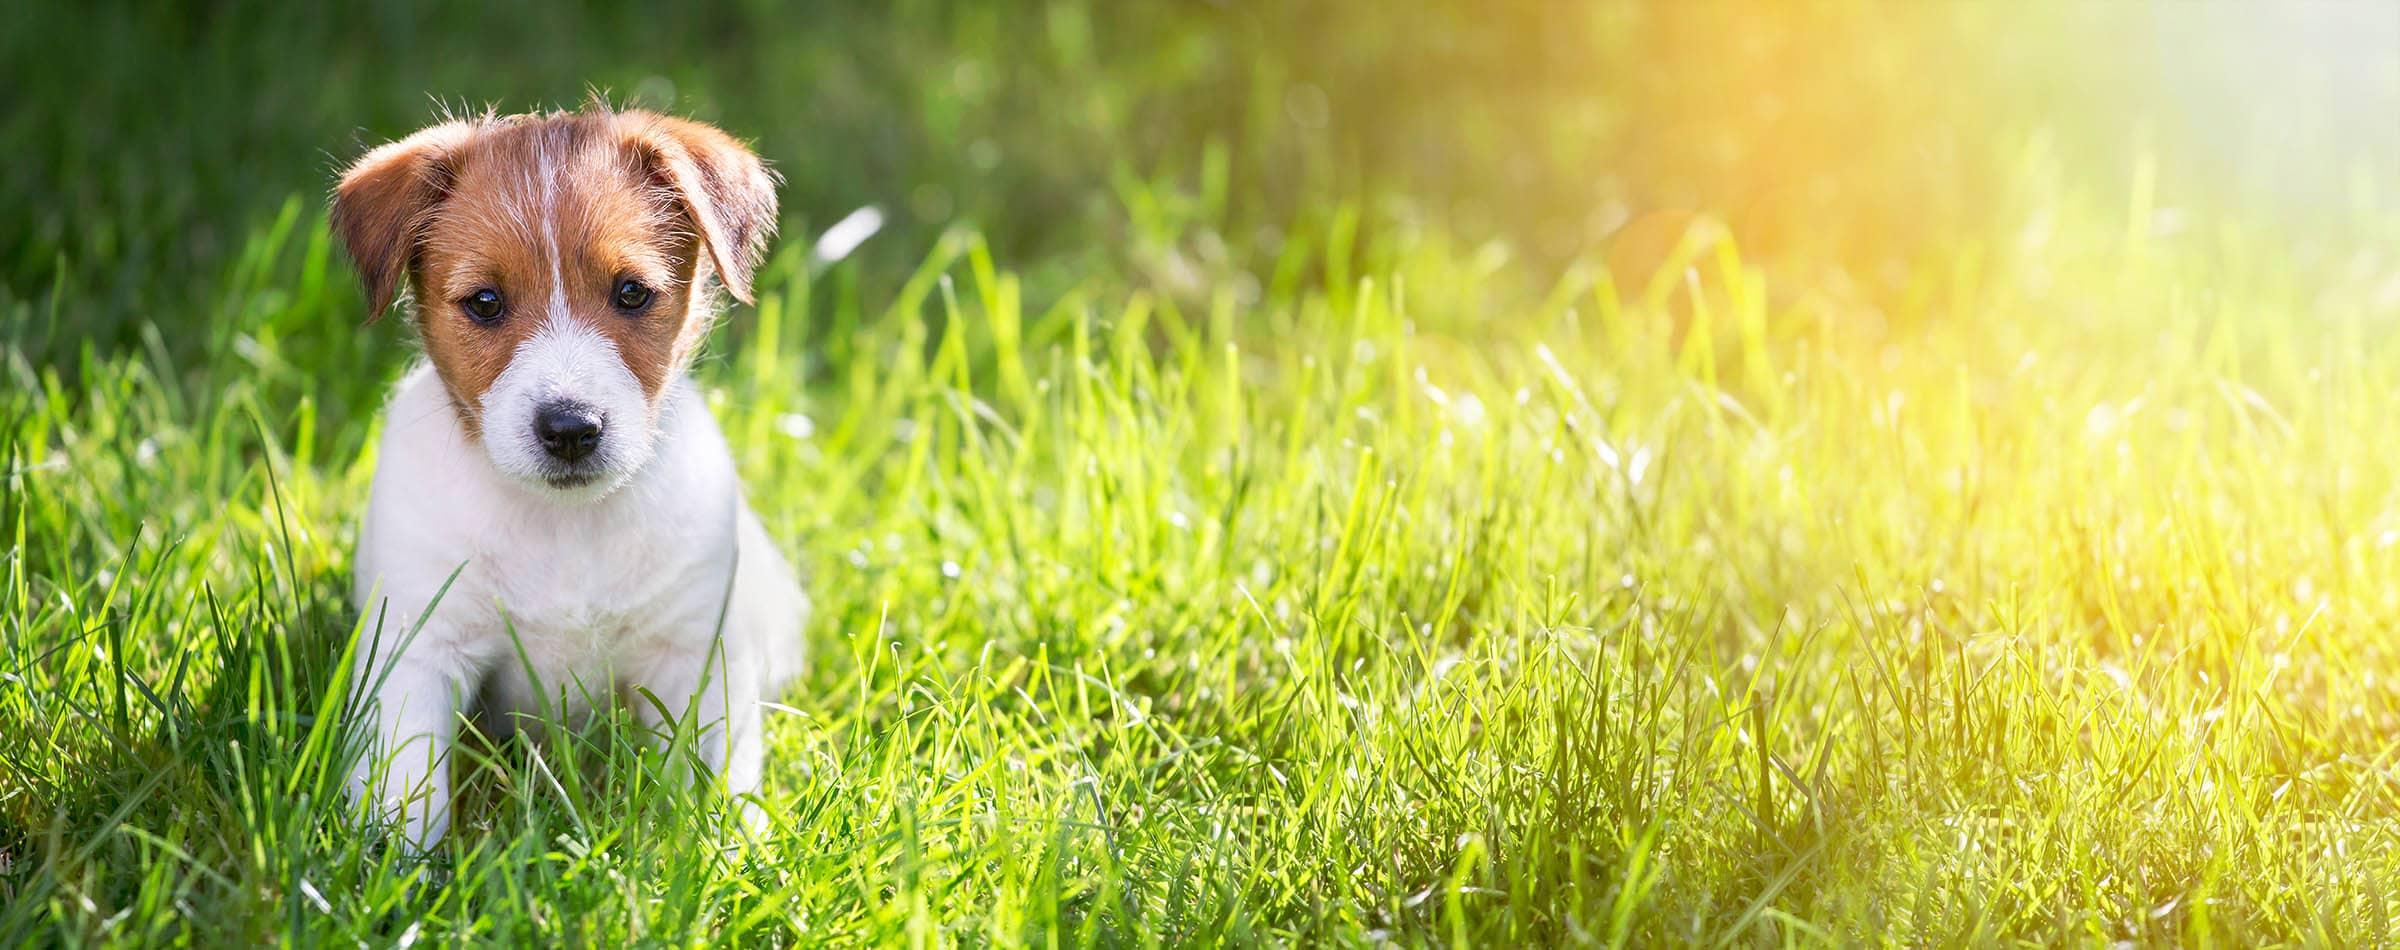 Stubenreiner Welpe macht Geschäft draußen auf Rasen